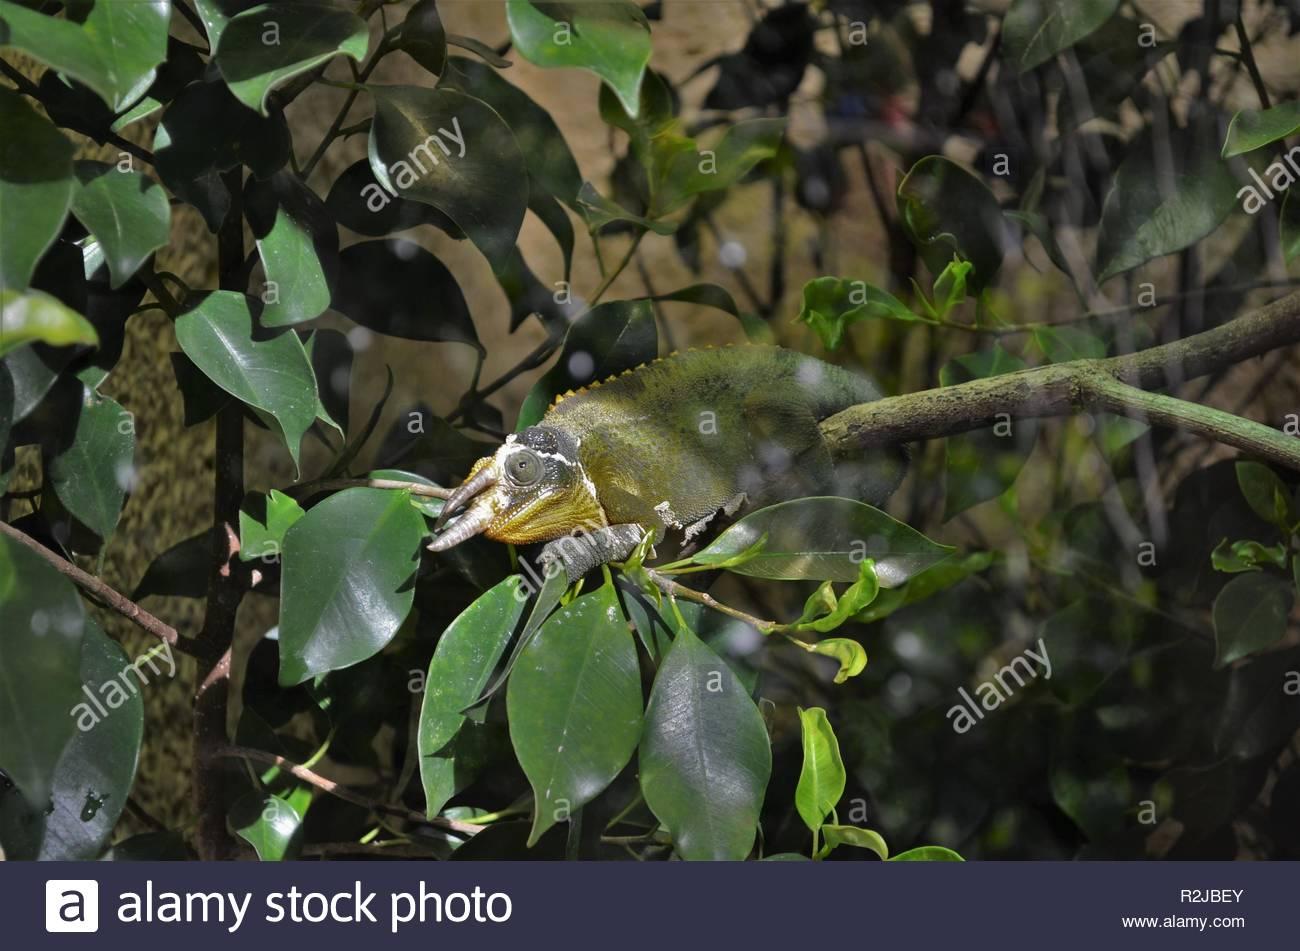 Seltene drei gehörnten Jacksons Chamäleon (Trioceros jacksonii) sitzt auf einem Ast zwischen grünen Blättern und farbenfrohen Reptil mit drei Hörner Stockfoto